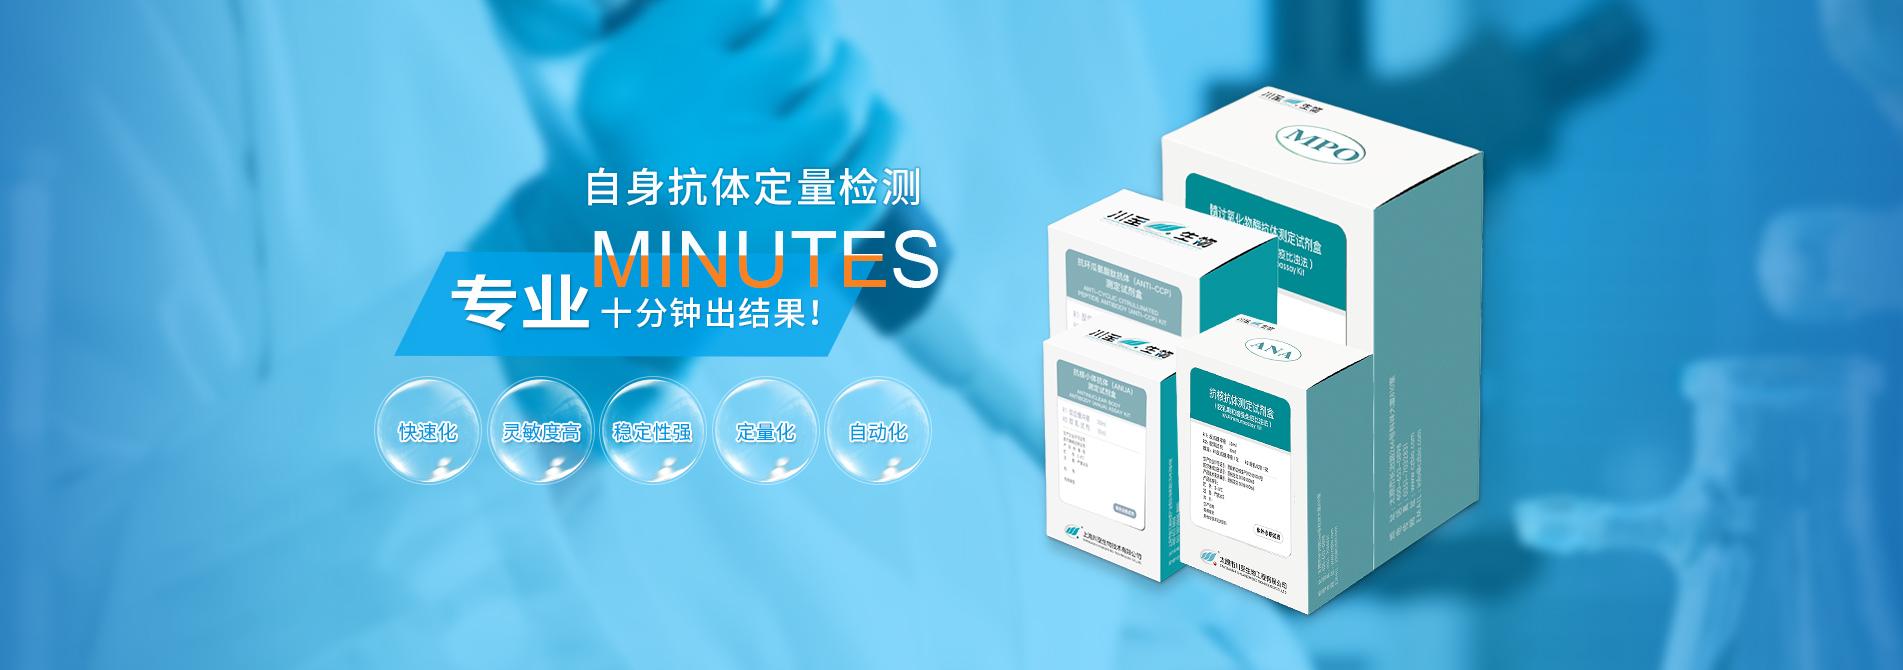 髓过氧化物酶抗体测定试剂盒